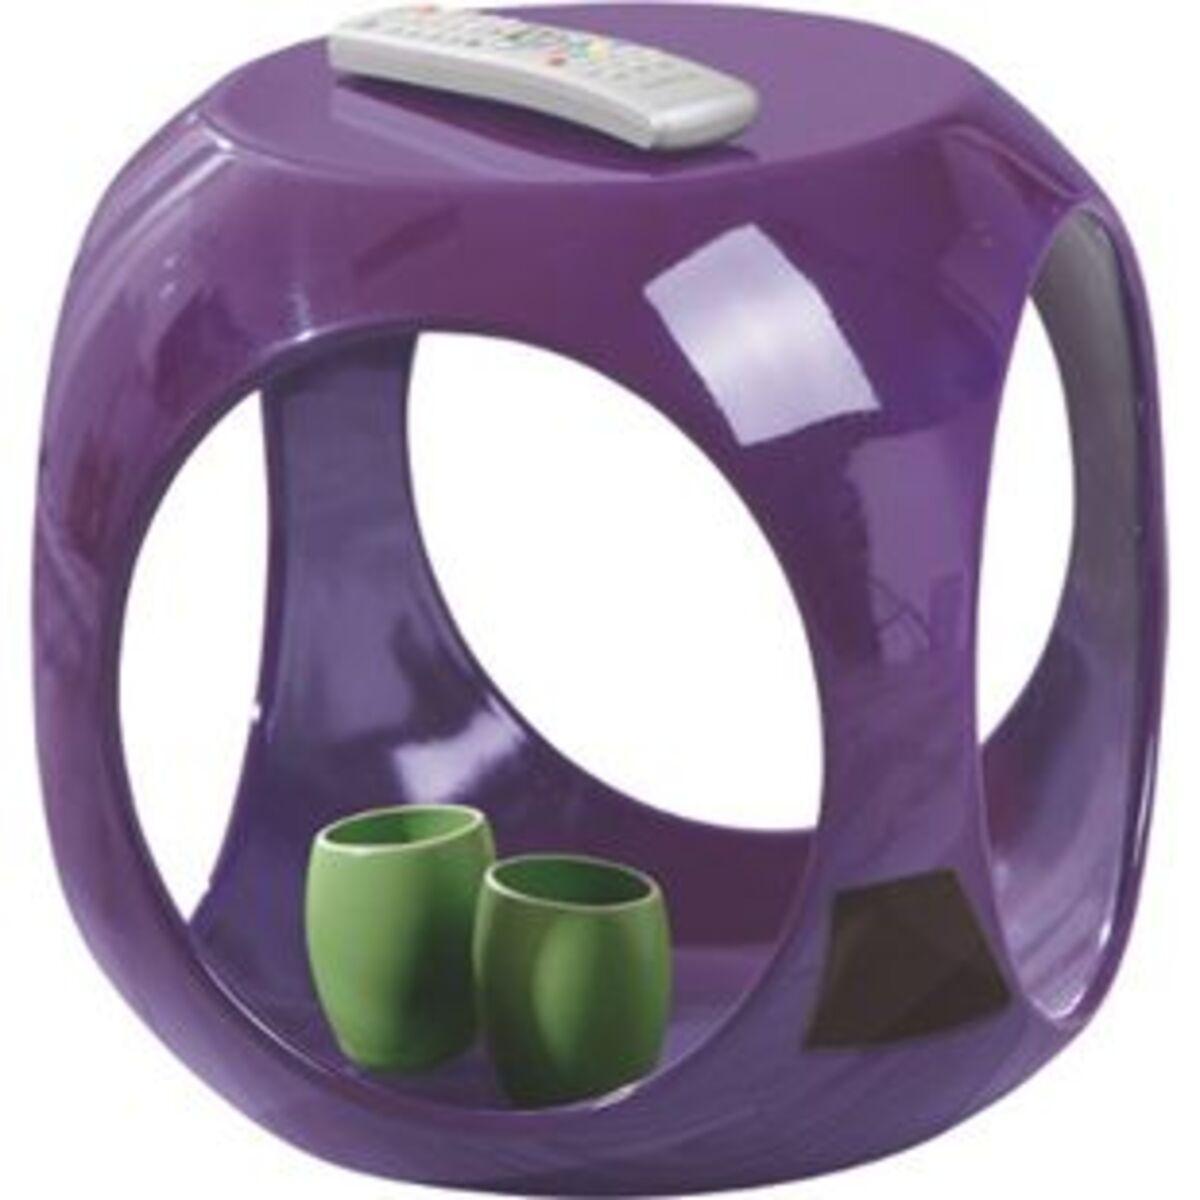 Bild 2 von Inter Link Beistelltisch Nono rund Ultra Violet